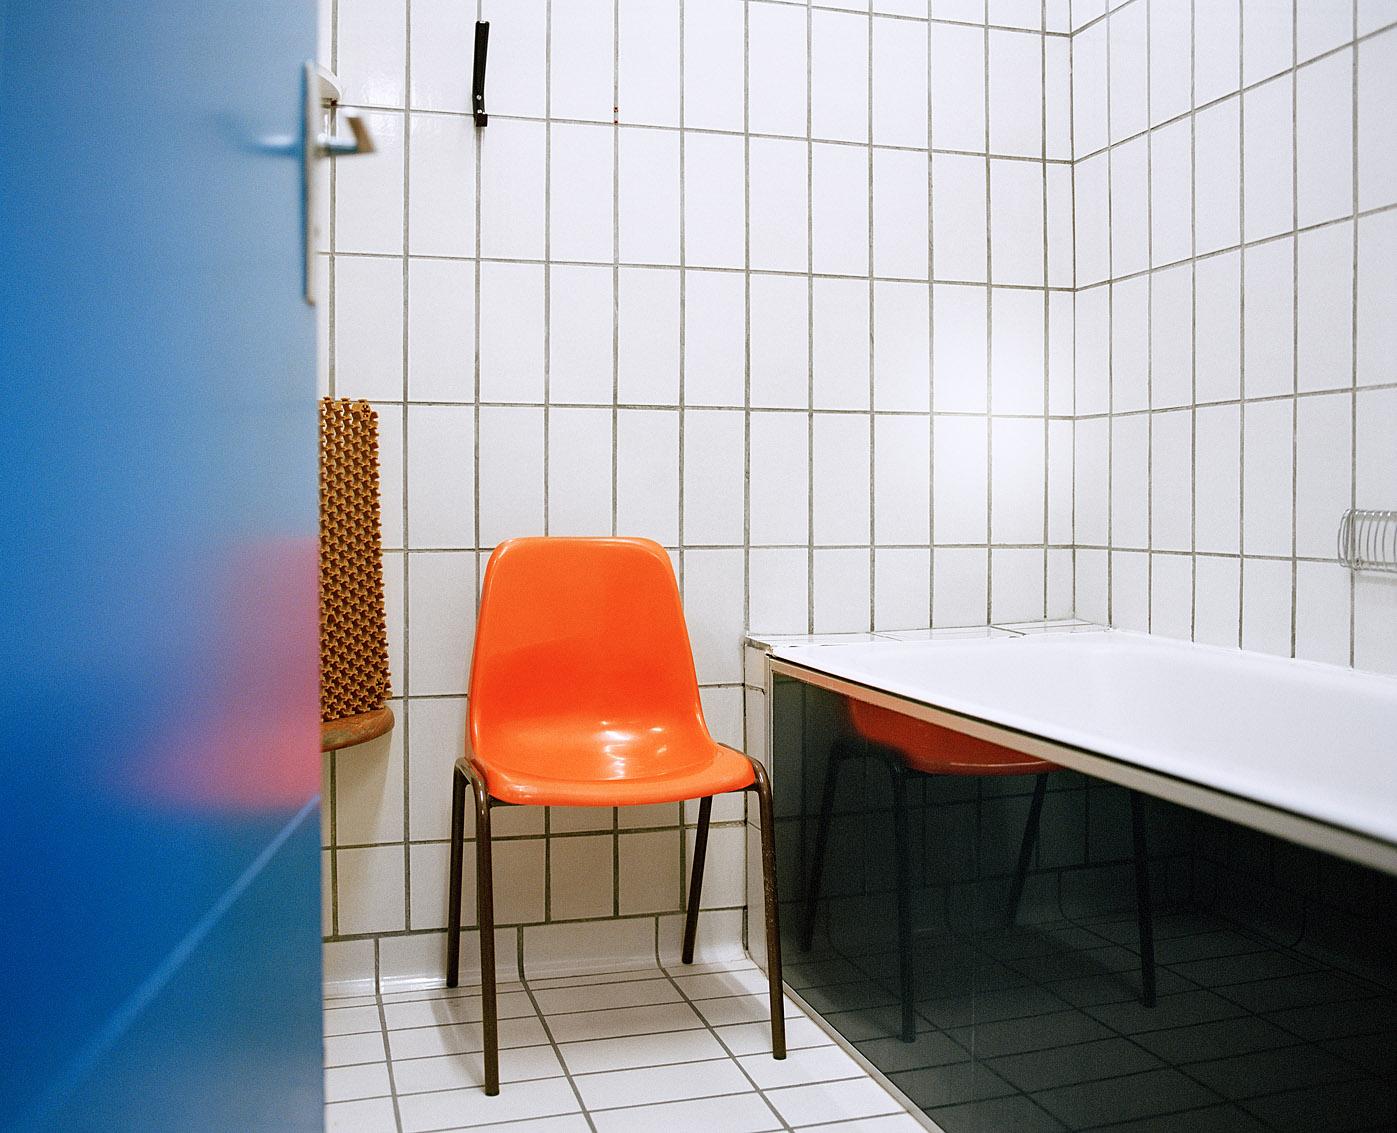 Bains-douches municipaux de la ville de Nantes.